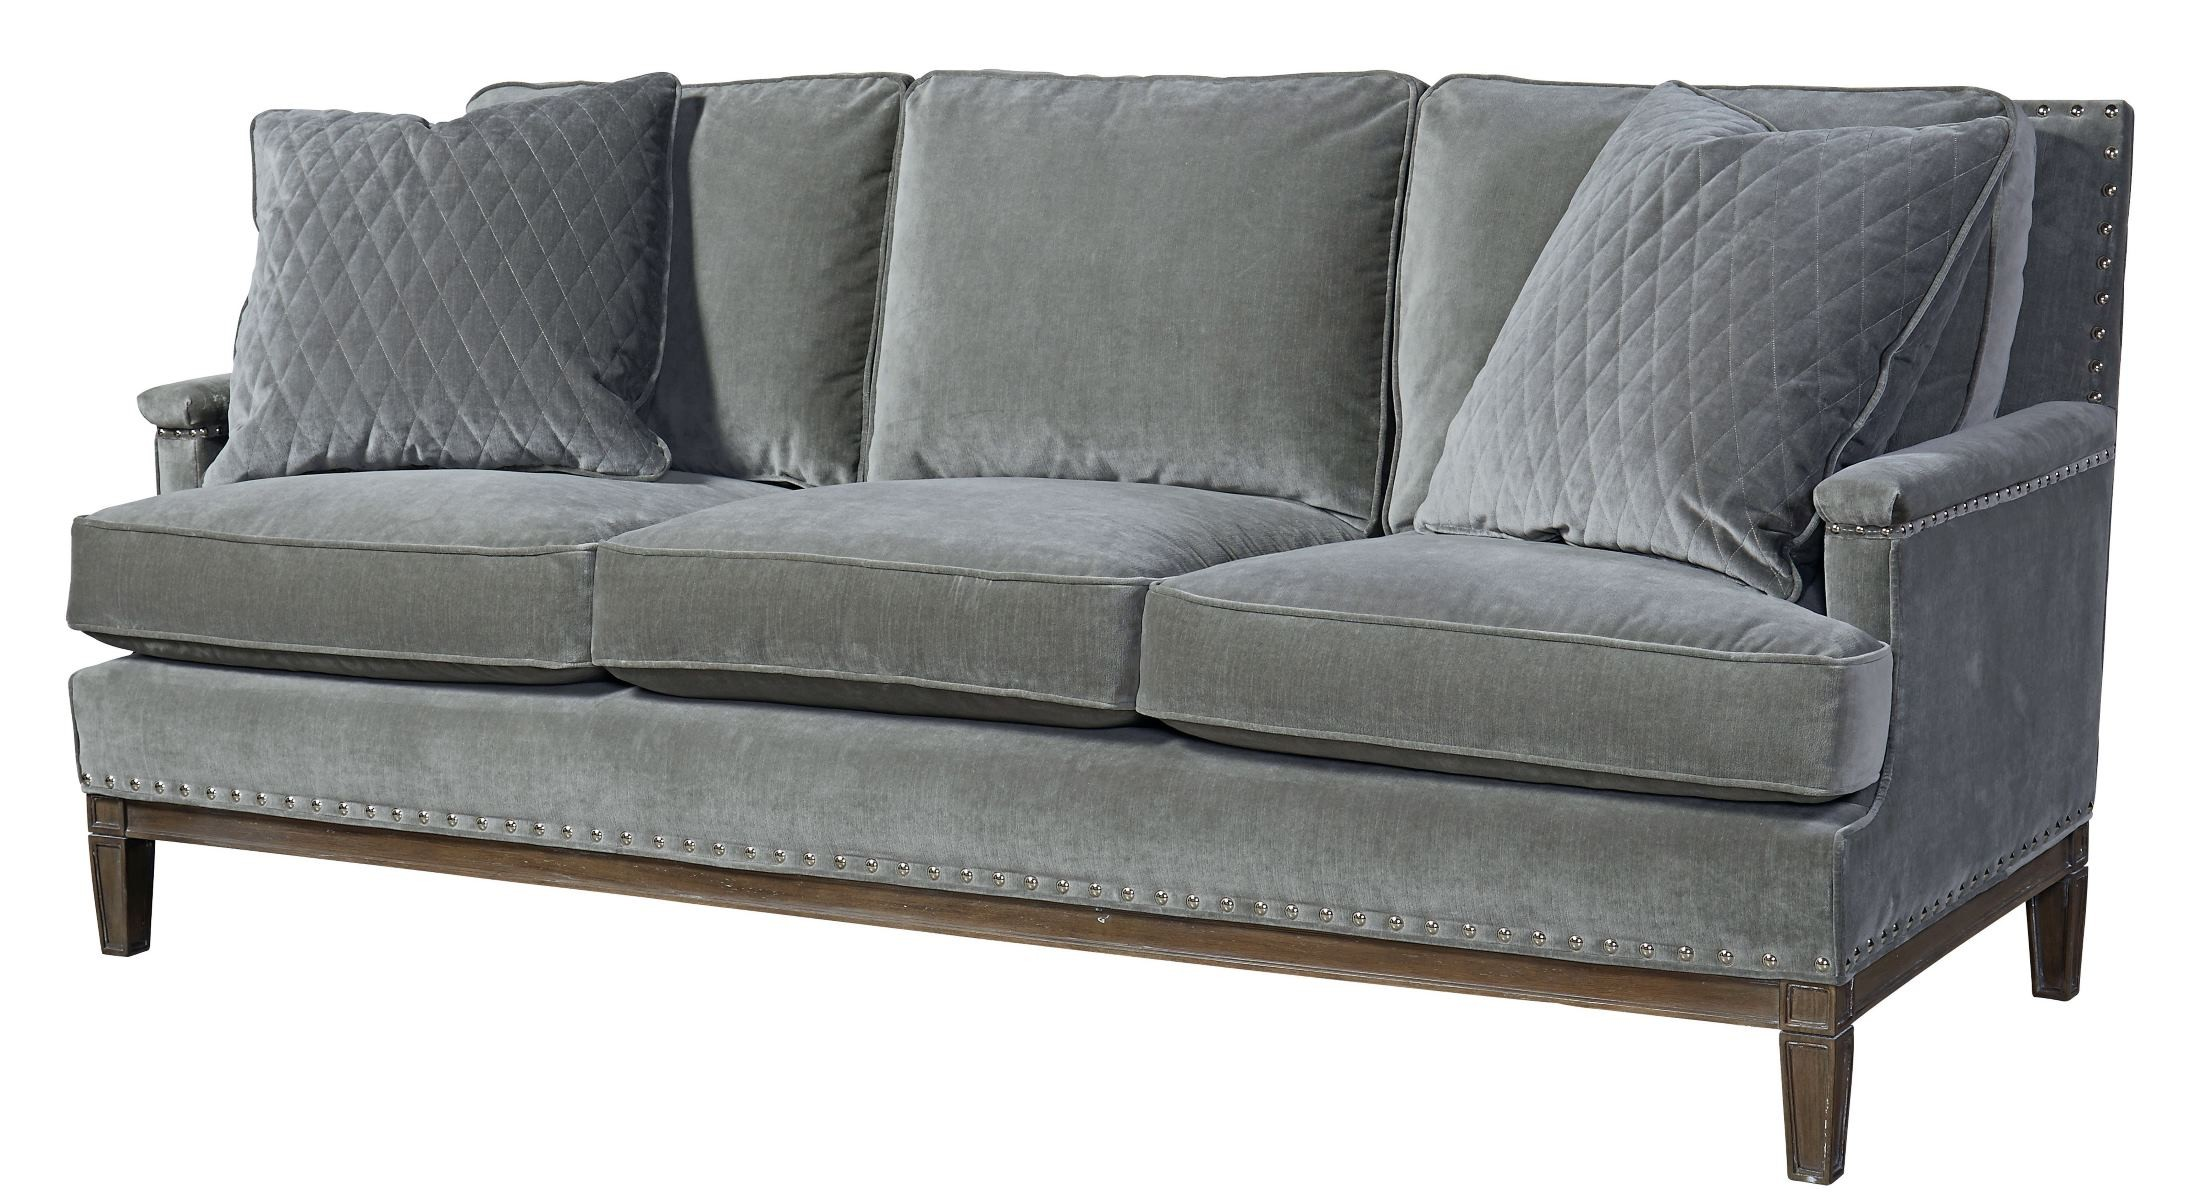 velvet grey sofa homelegance novak black elegant lounger with pull out trundle prescott gray 530501 200 universal